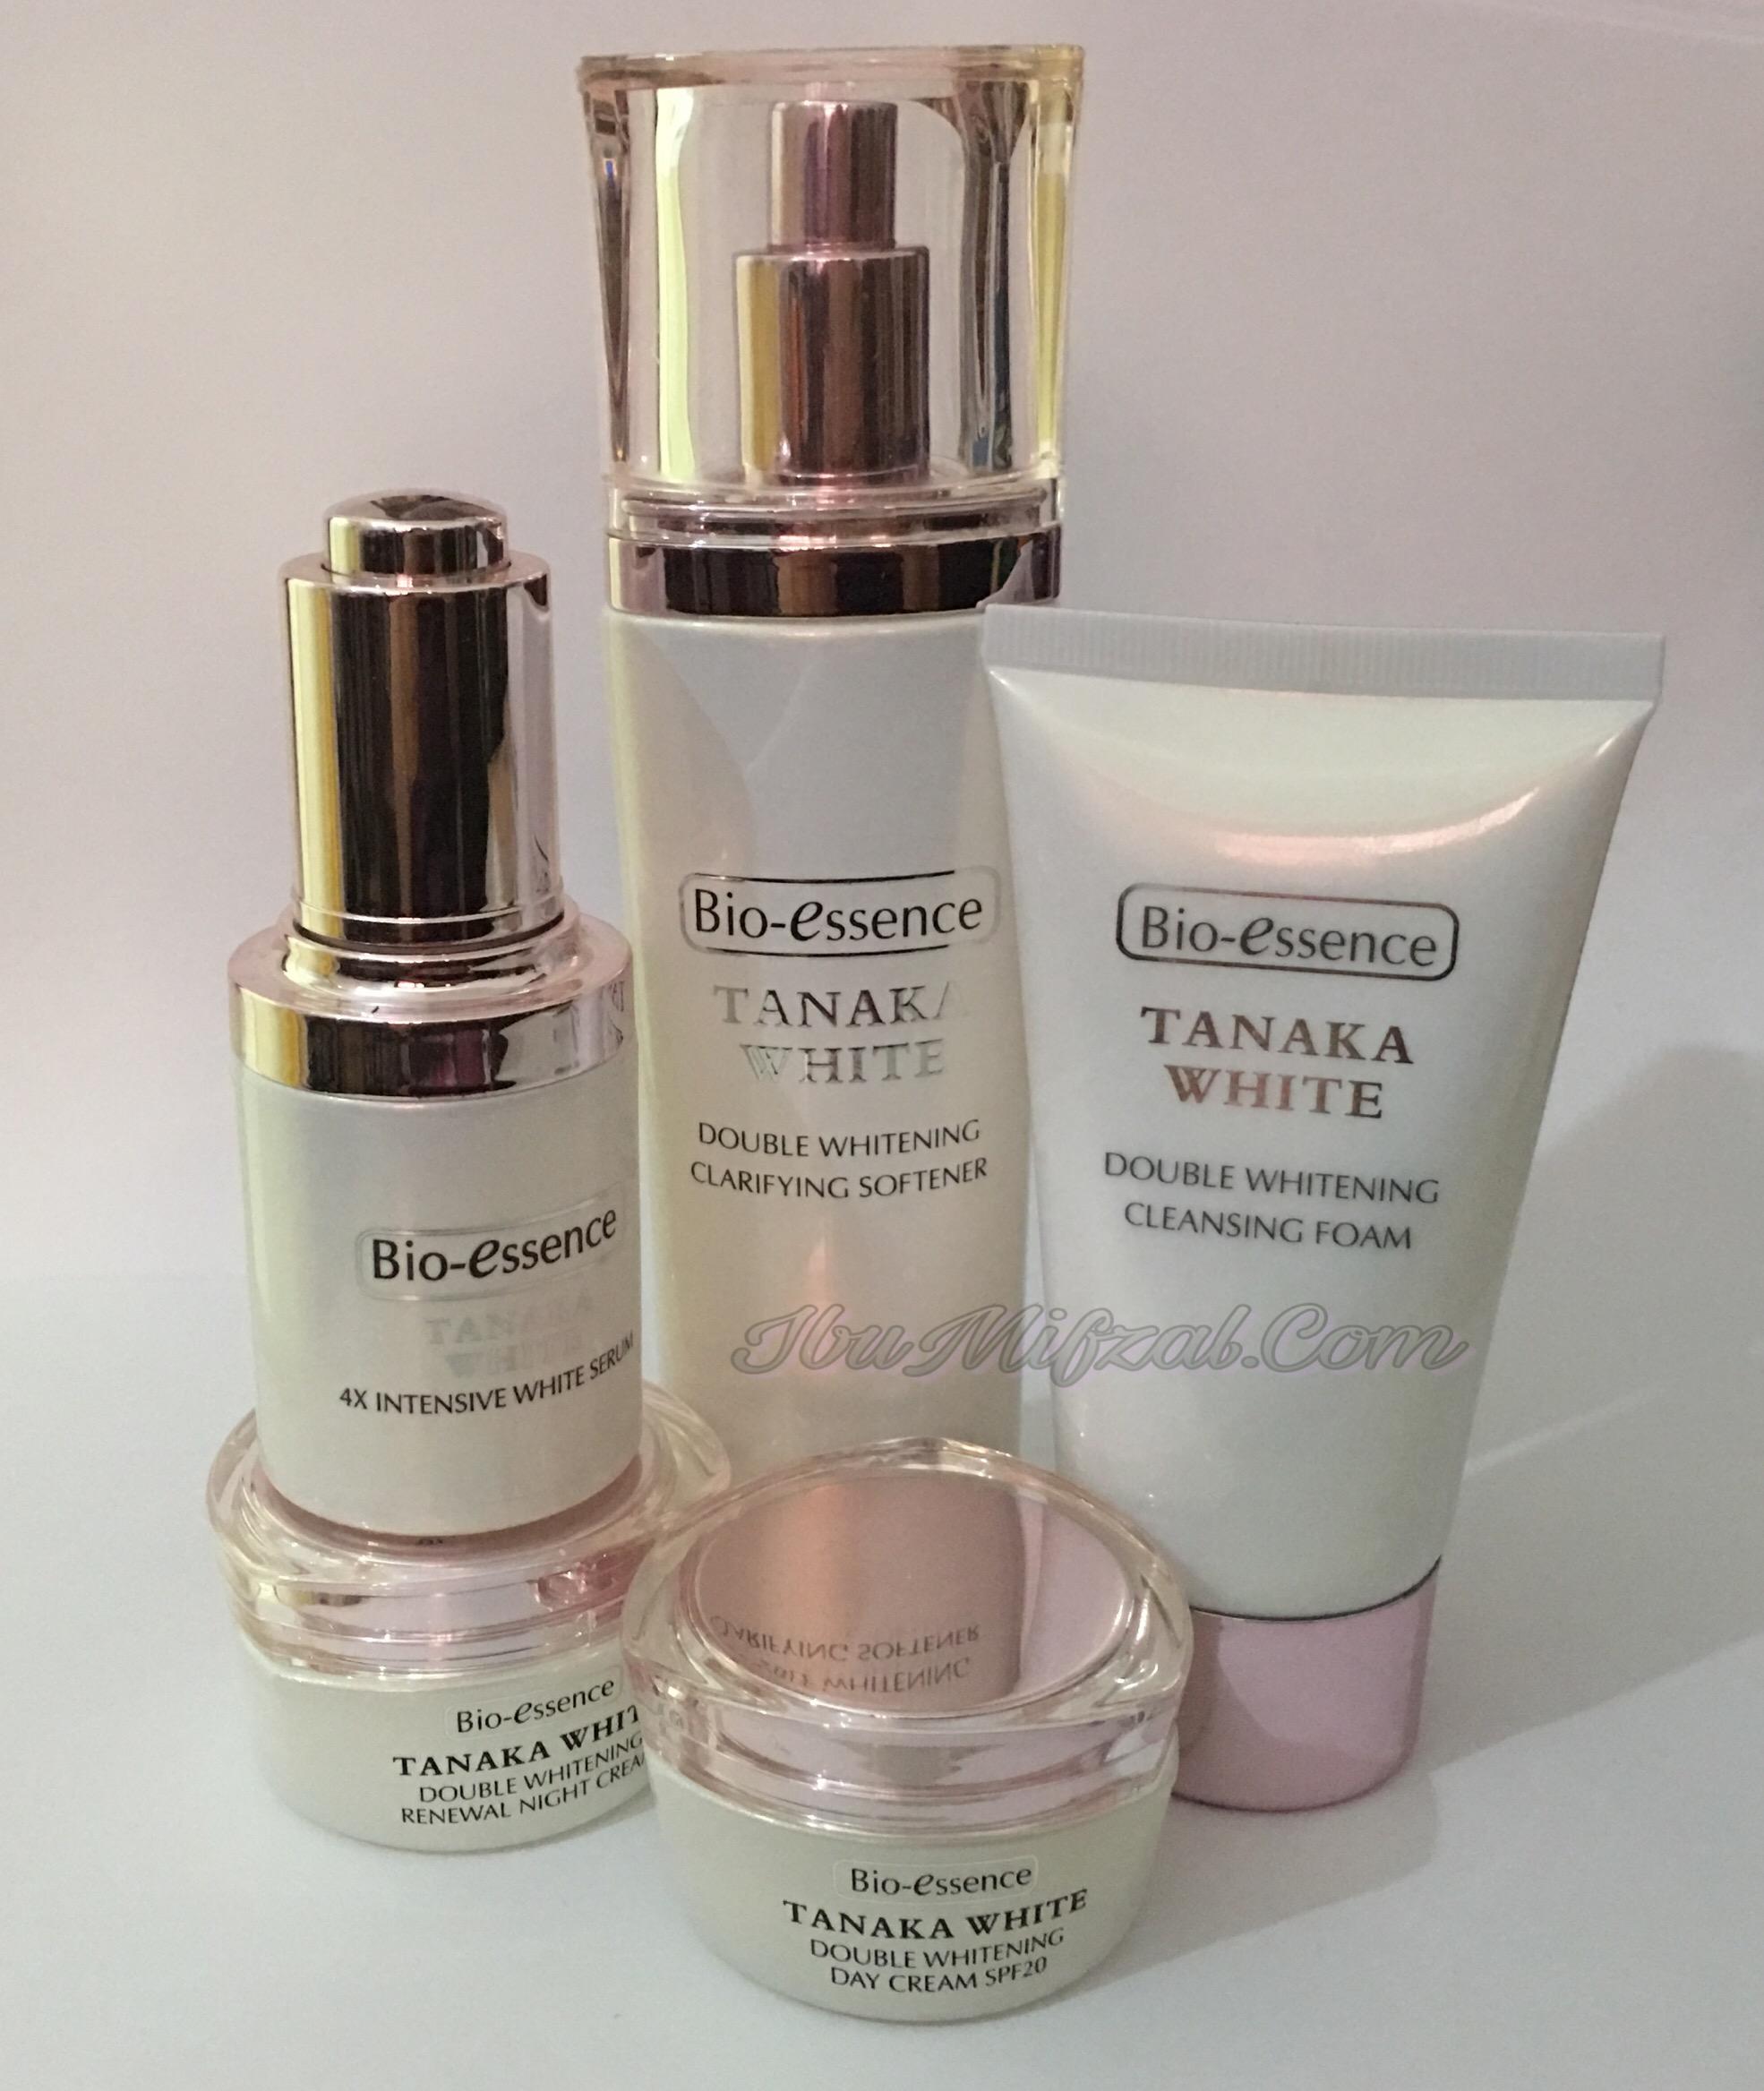 Pengalaman Menggunakan Produk Bio Essence Tanaka White (Double Whitening)